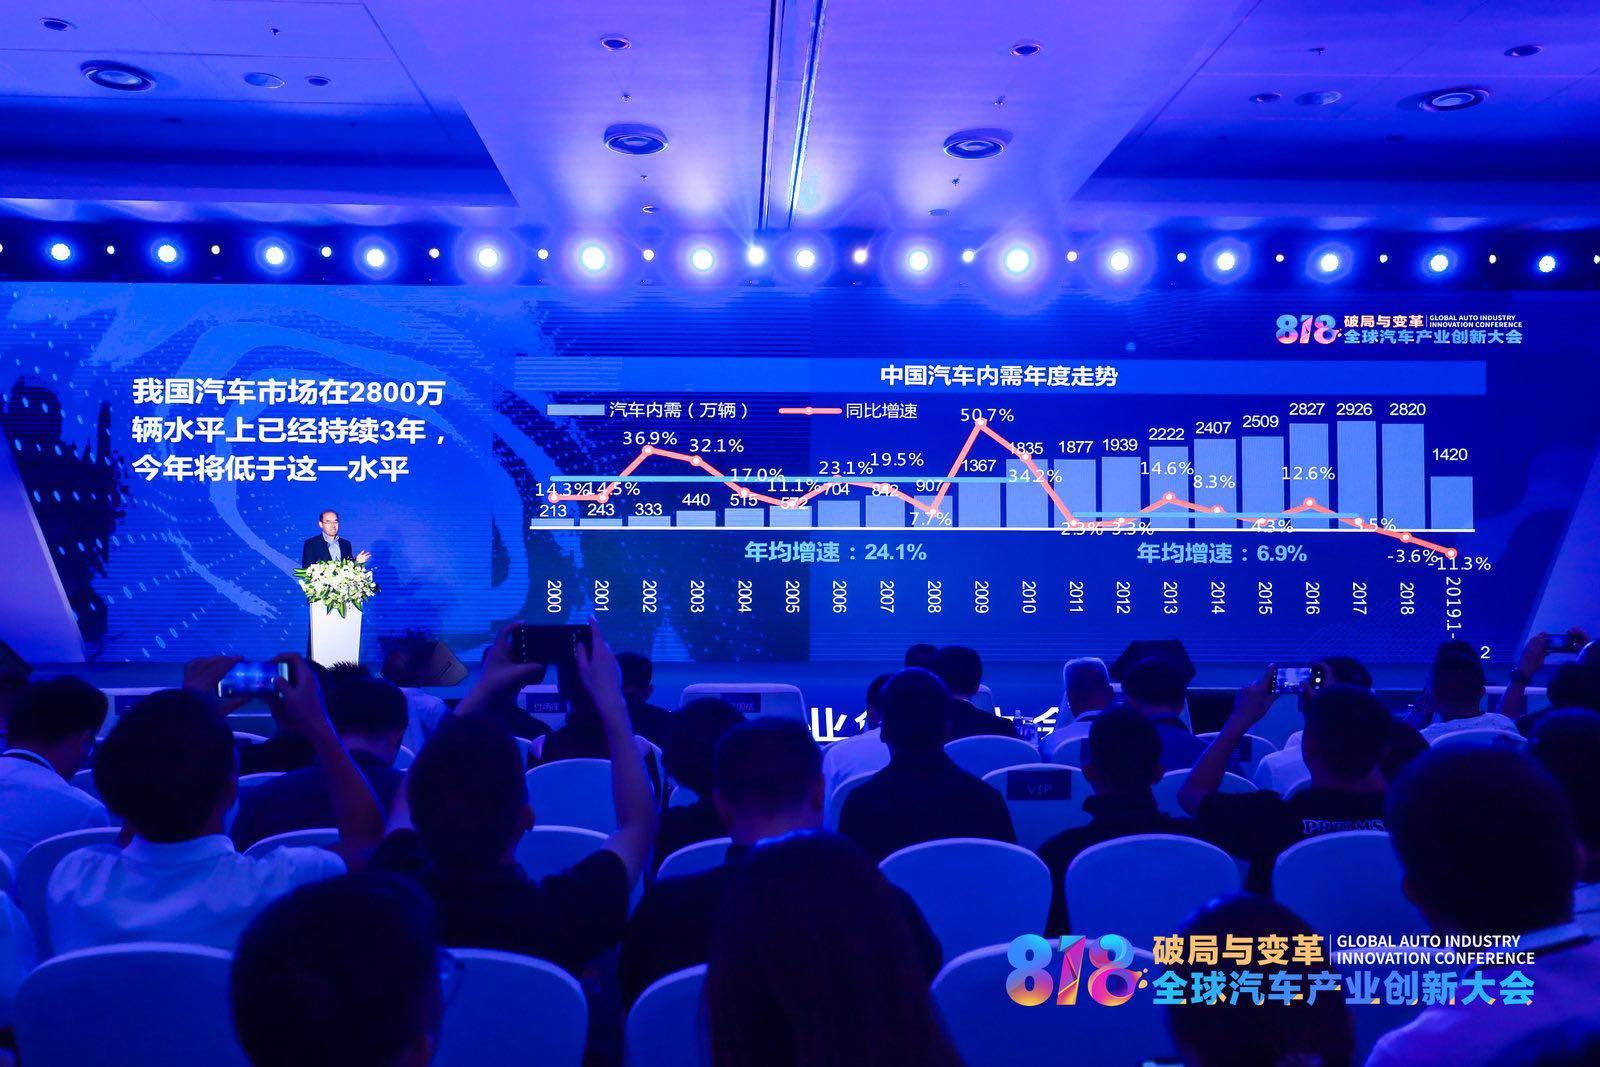 徐长明:今年车市销量低于2800万辆 因需求动力不足